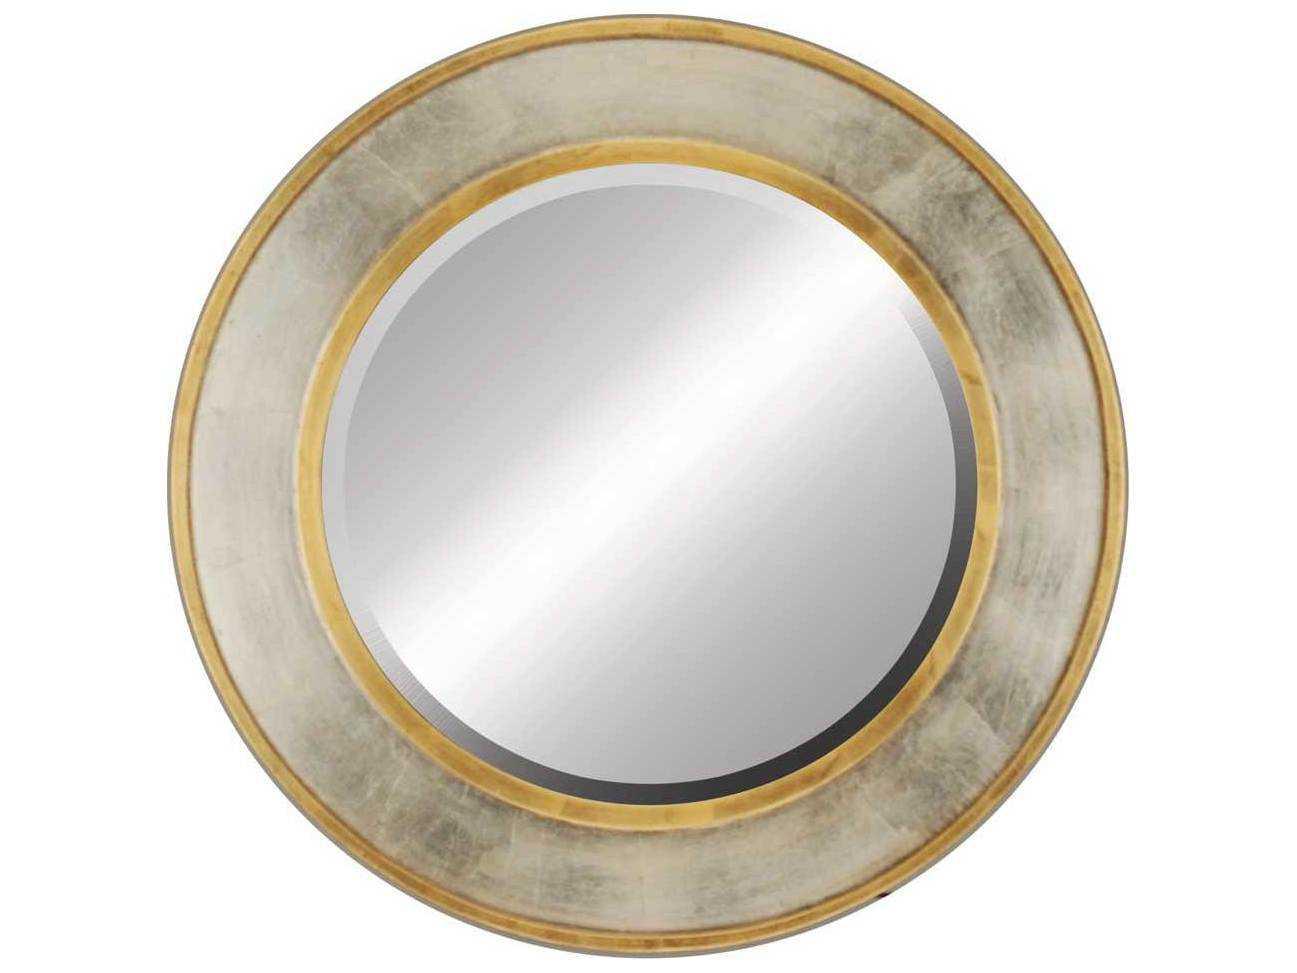 Gold Metal Wall Mirror: Paragon Contempo 37 X 49 Gold/Silver Gold & Silver Wall